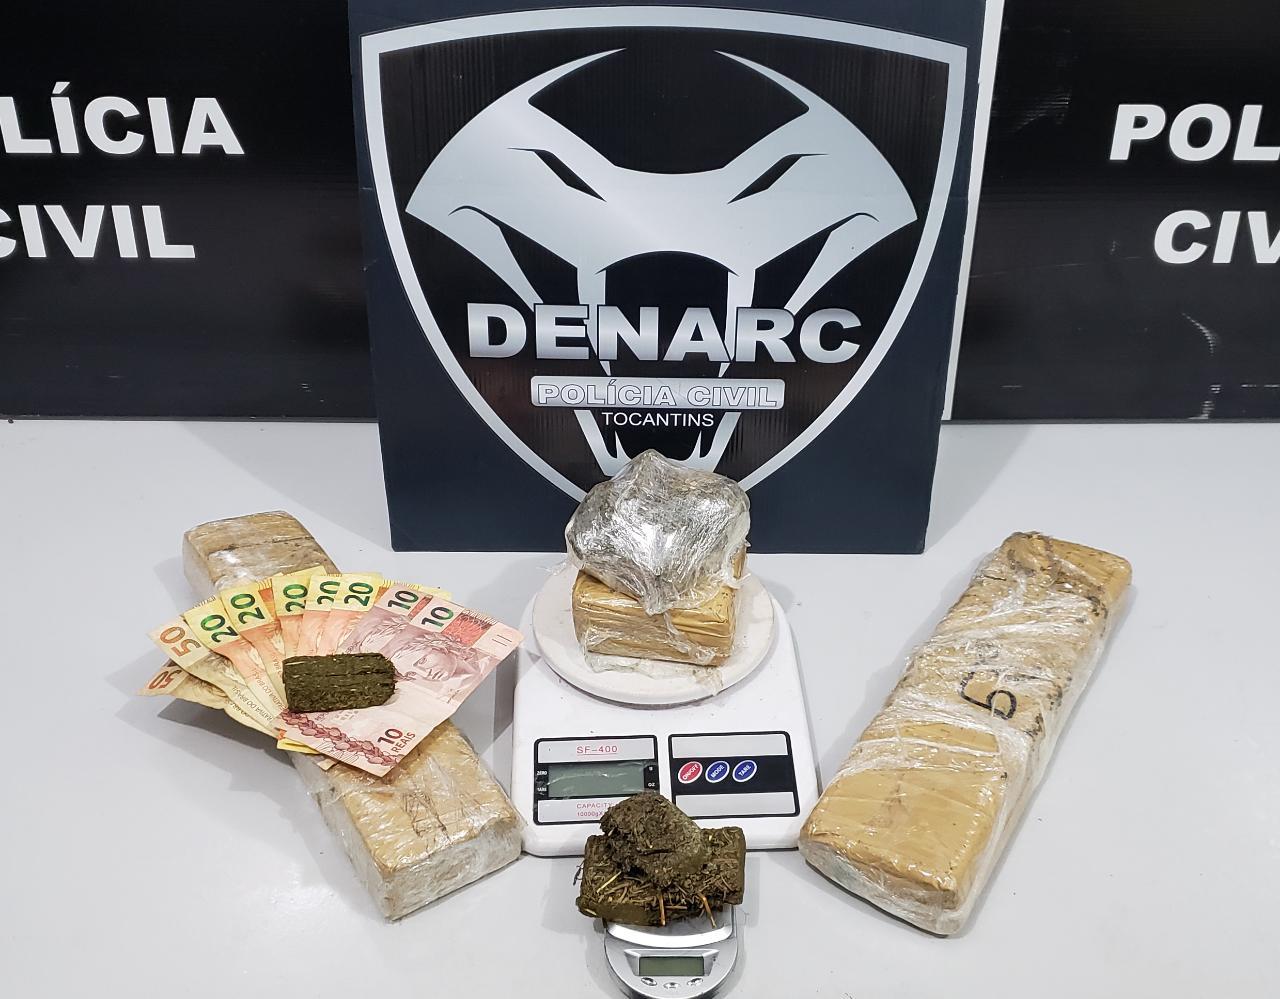 Polícia Civil desarticula ponto de venda de drogas e prende mais um traficante em Palmas